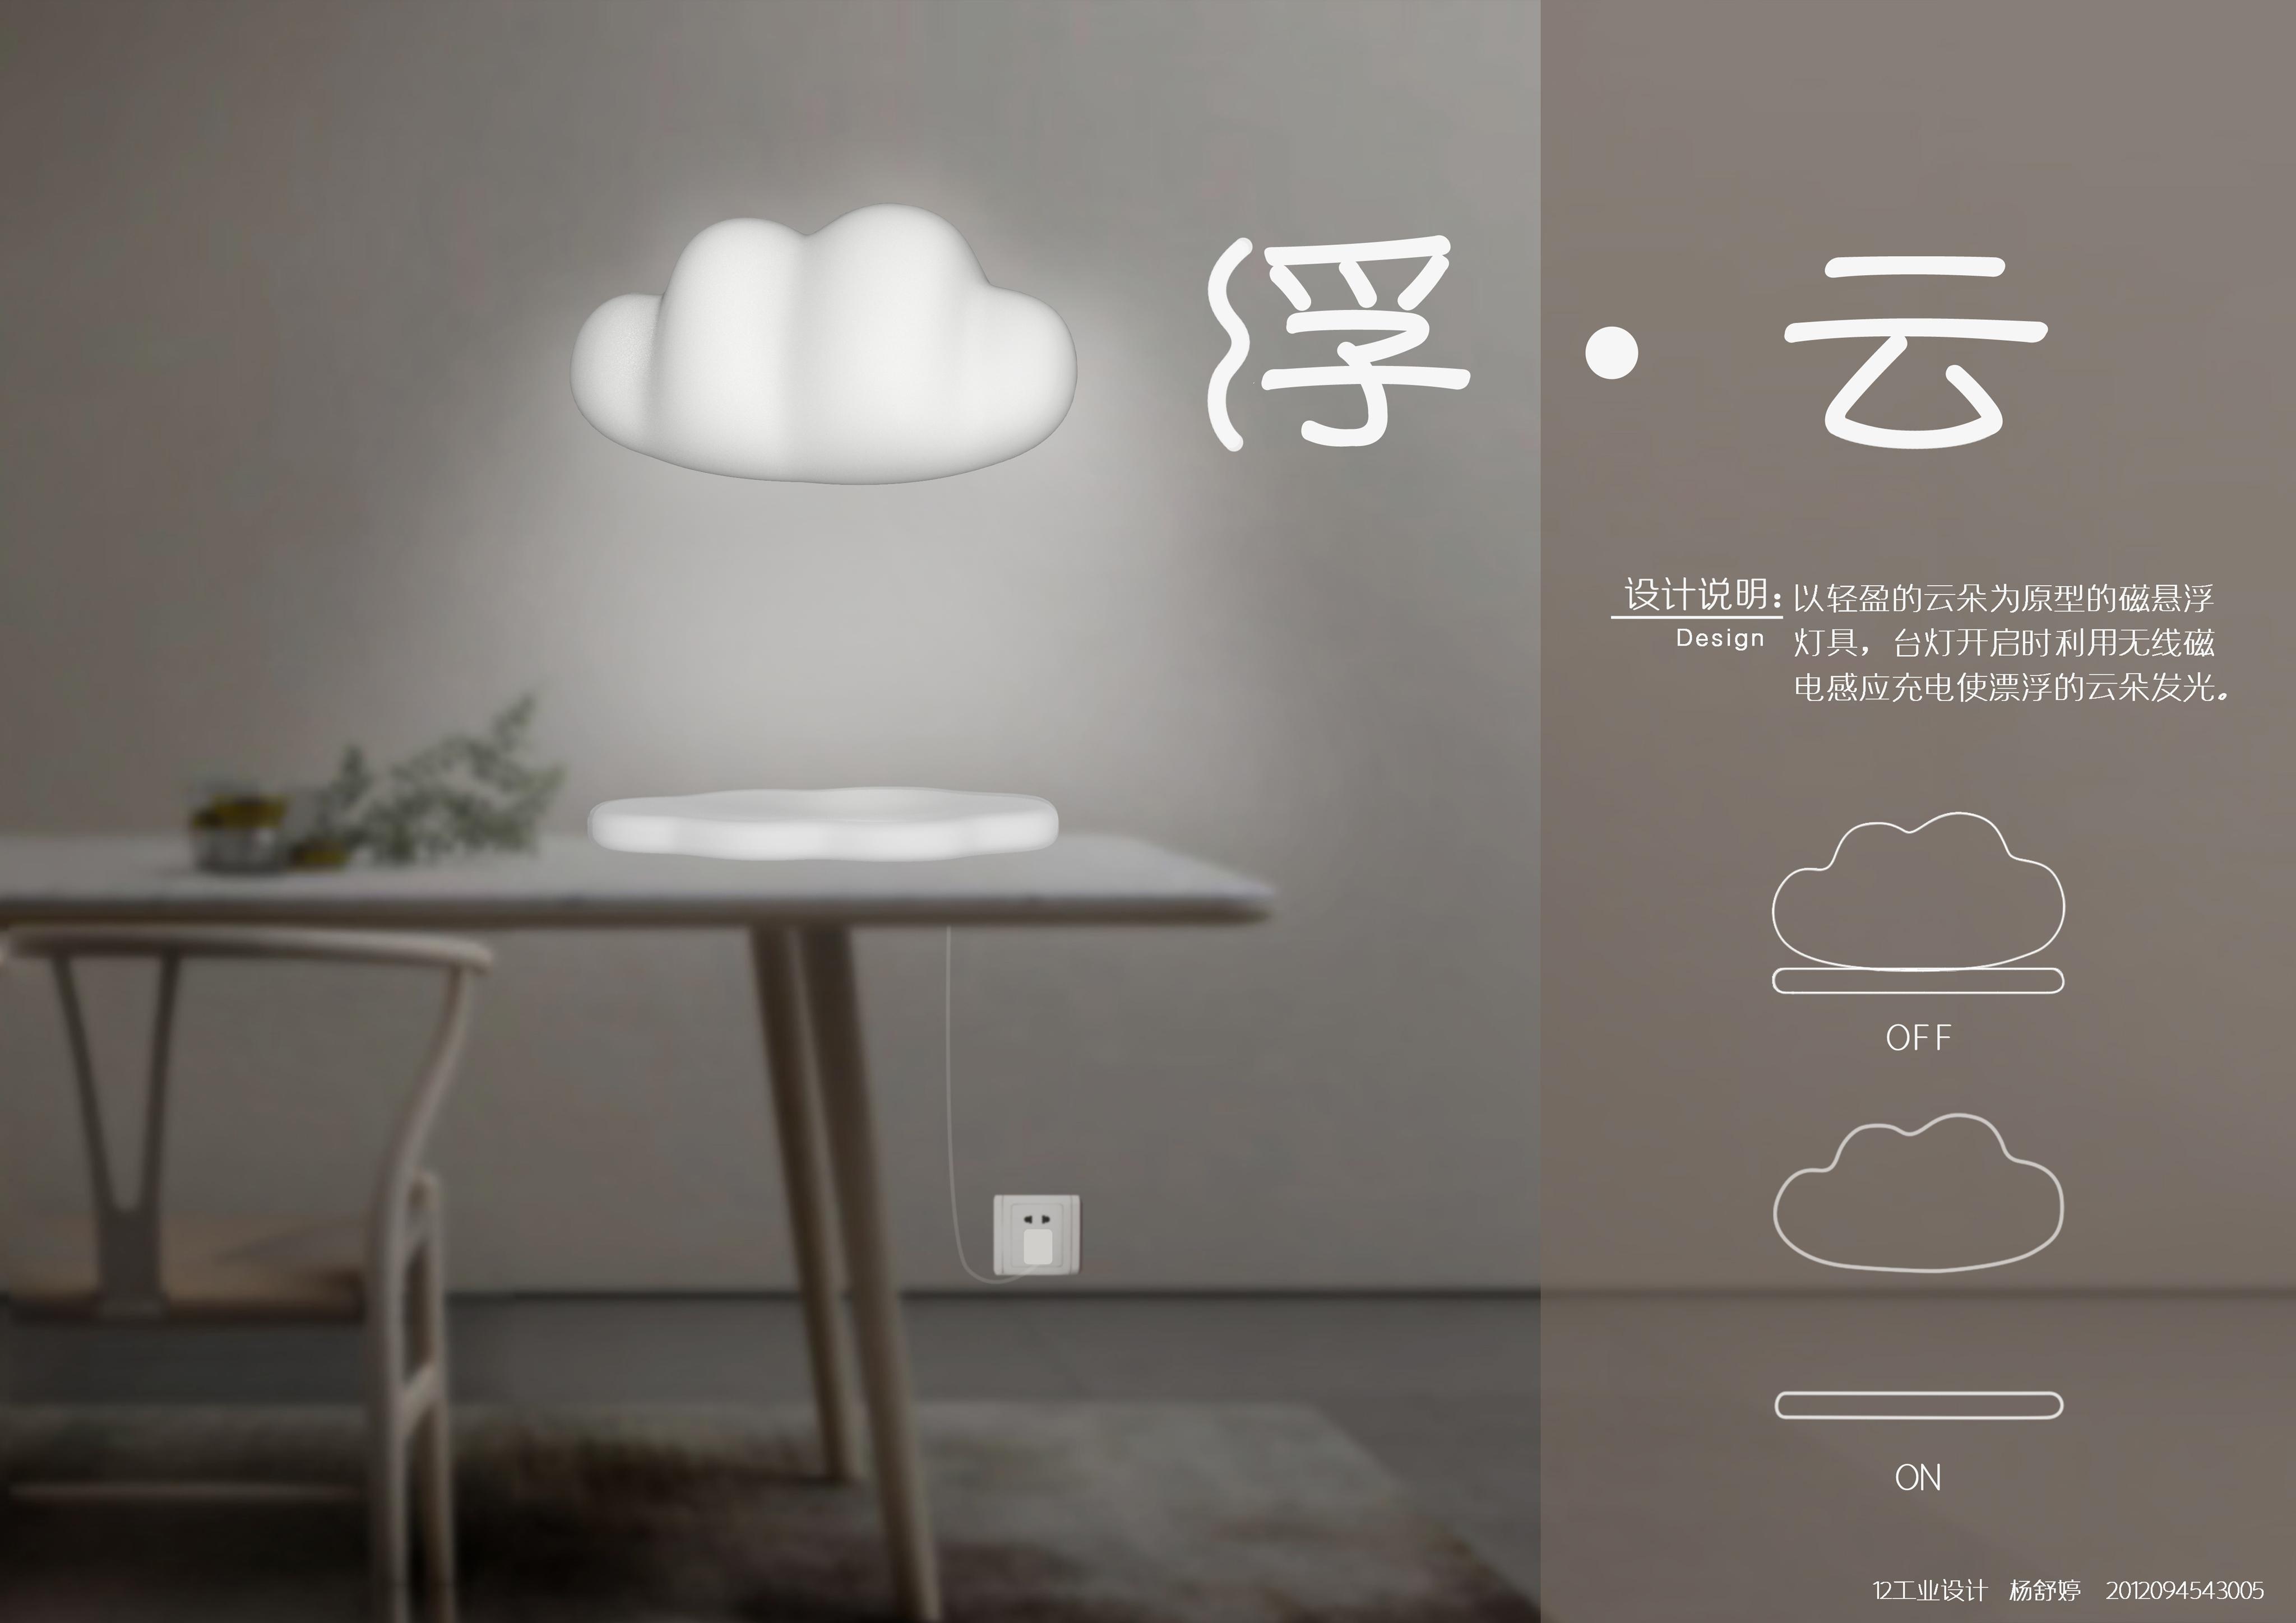 工业设计产品排版图片